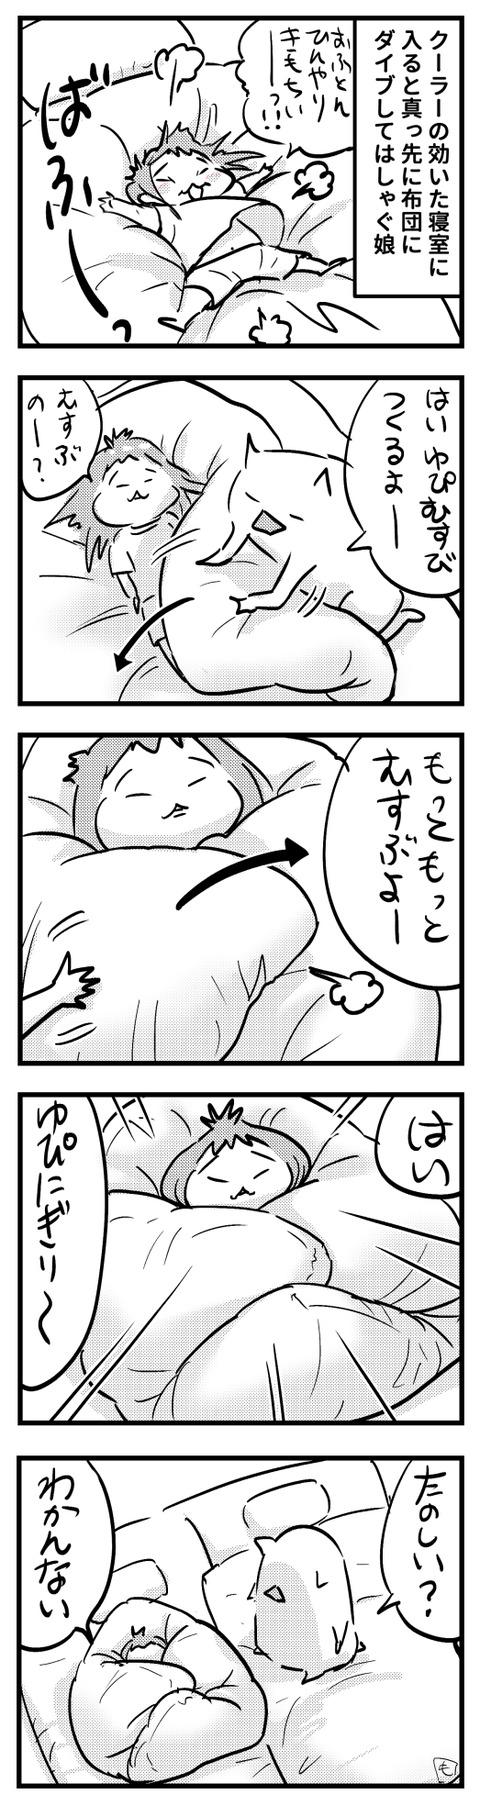 onigiris